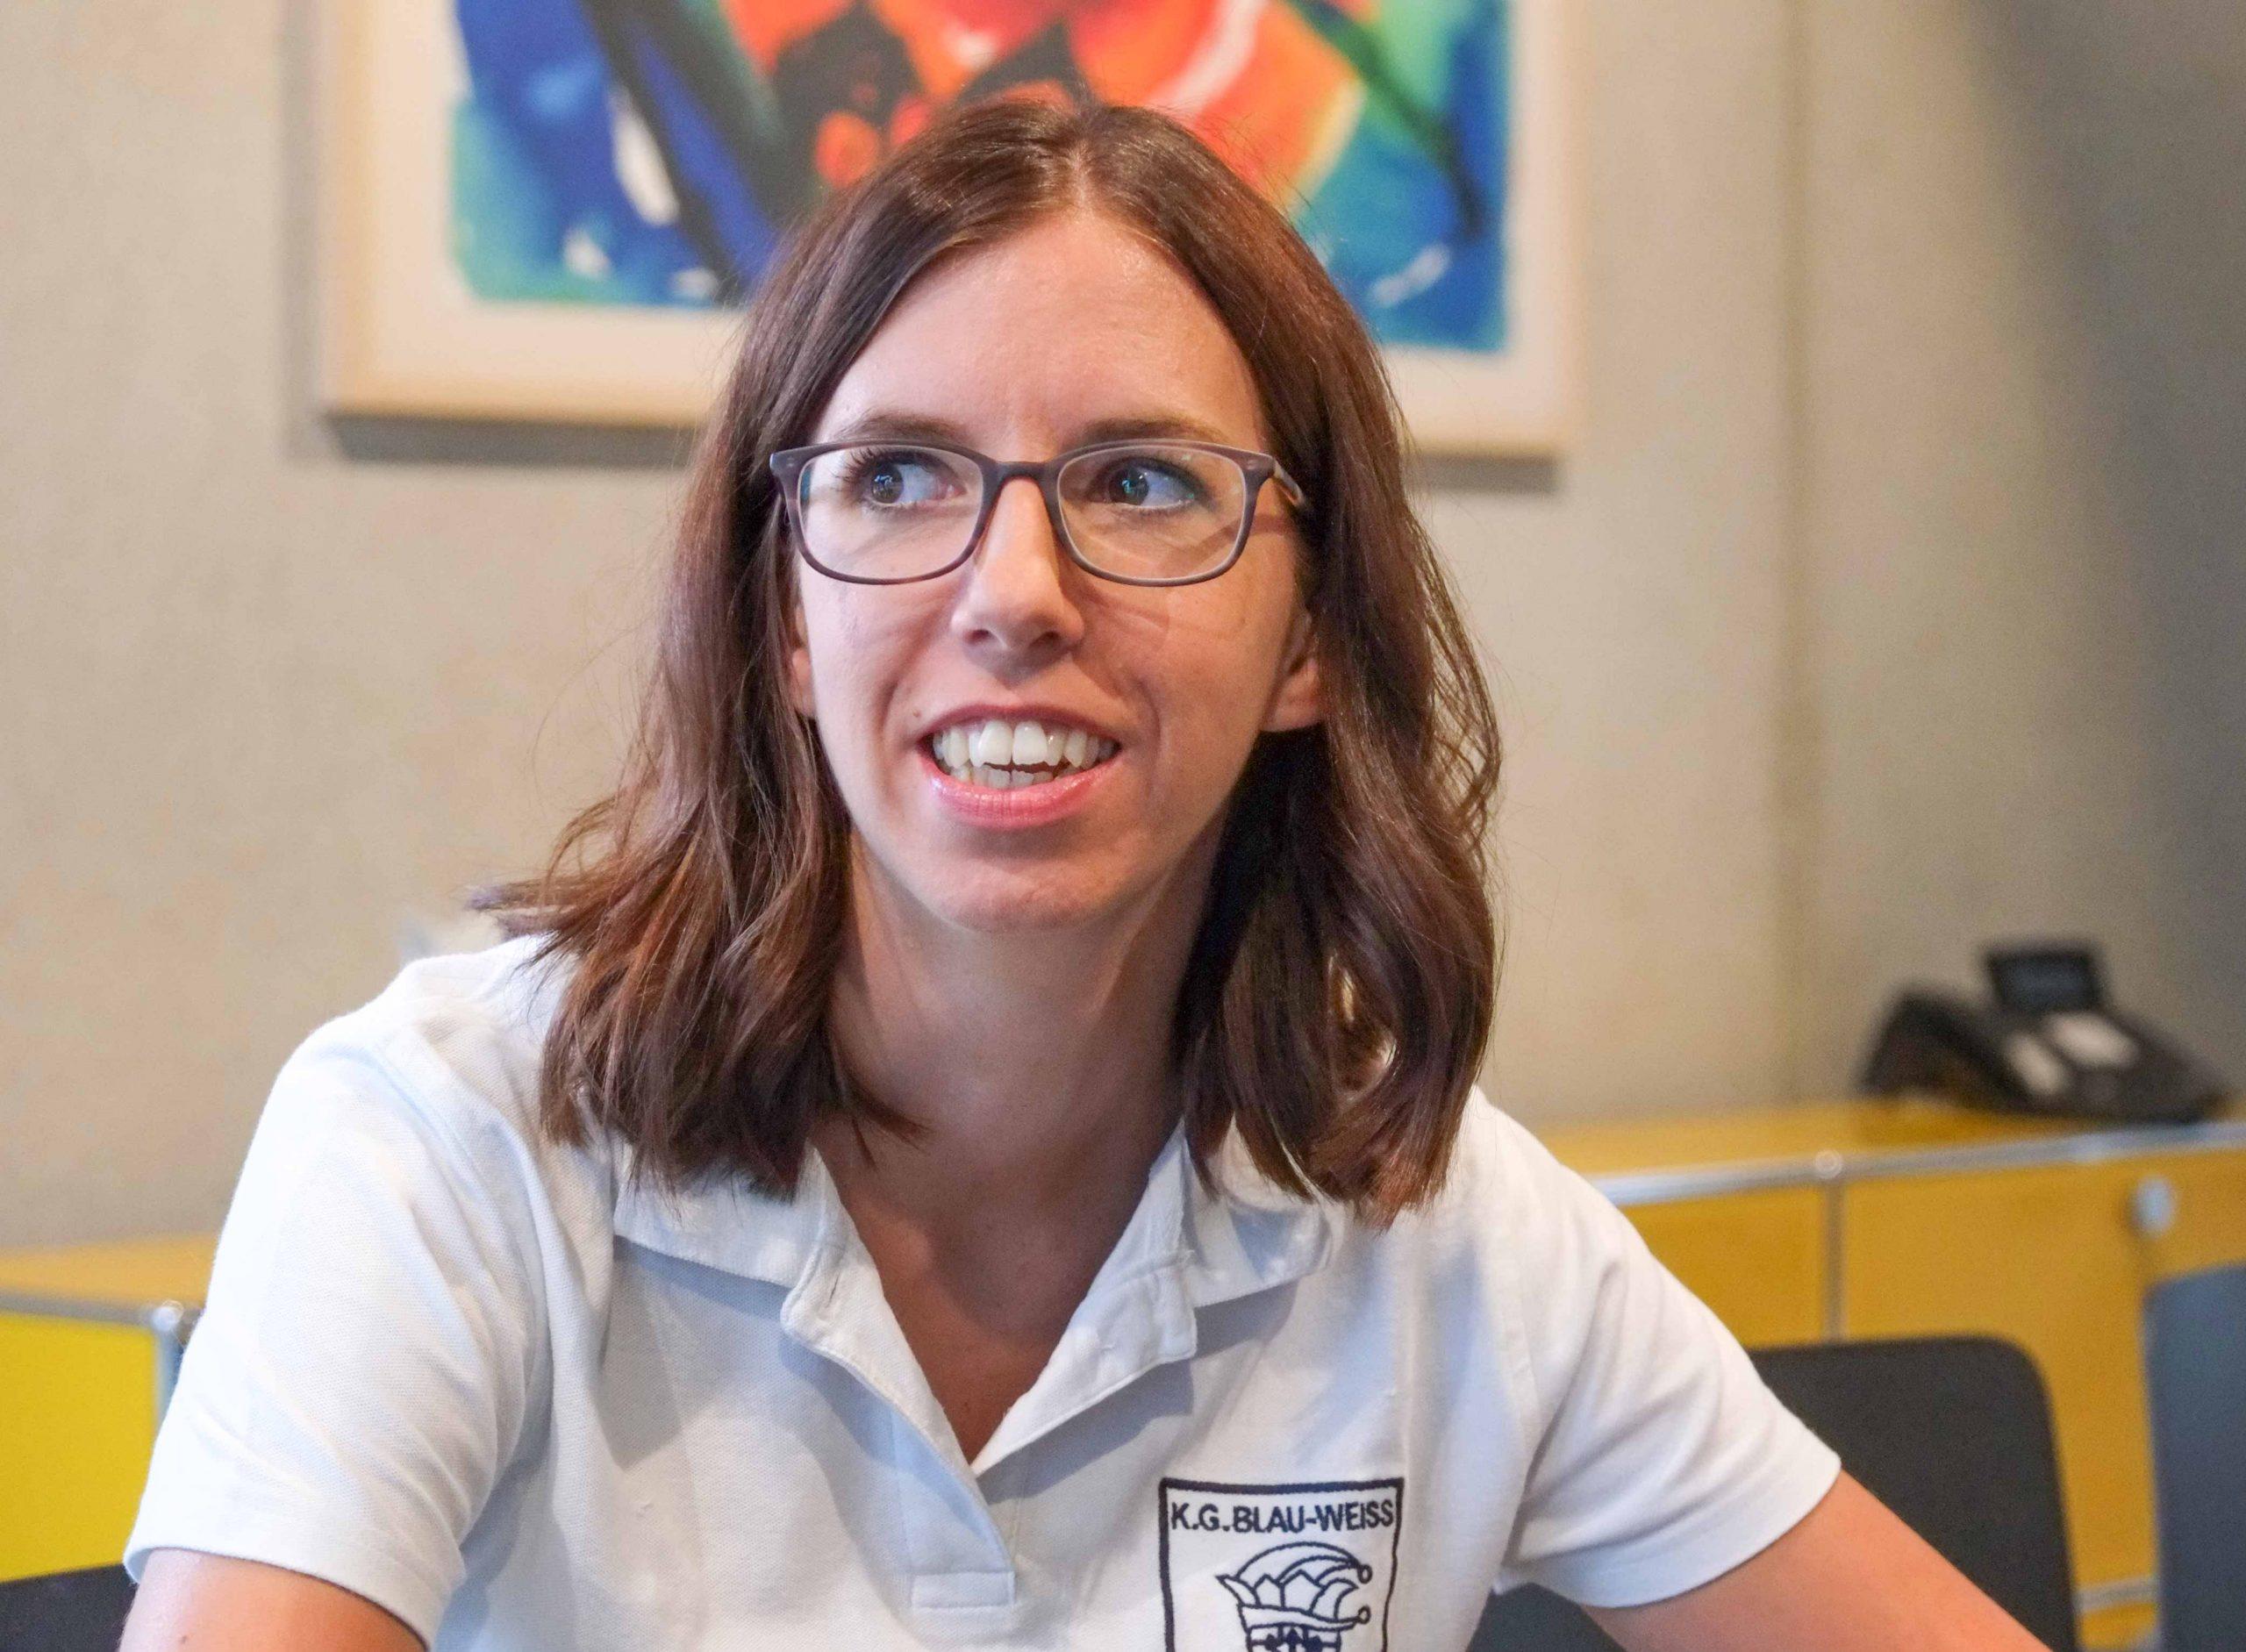 Nadine Schiffmann-Nink